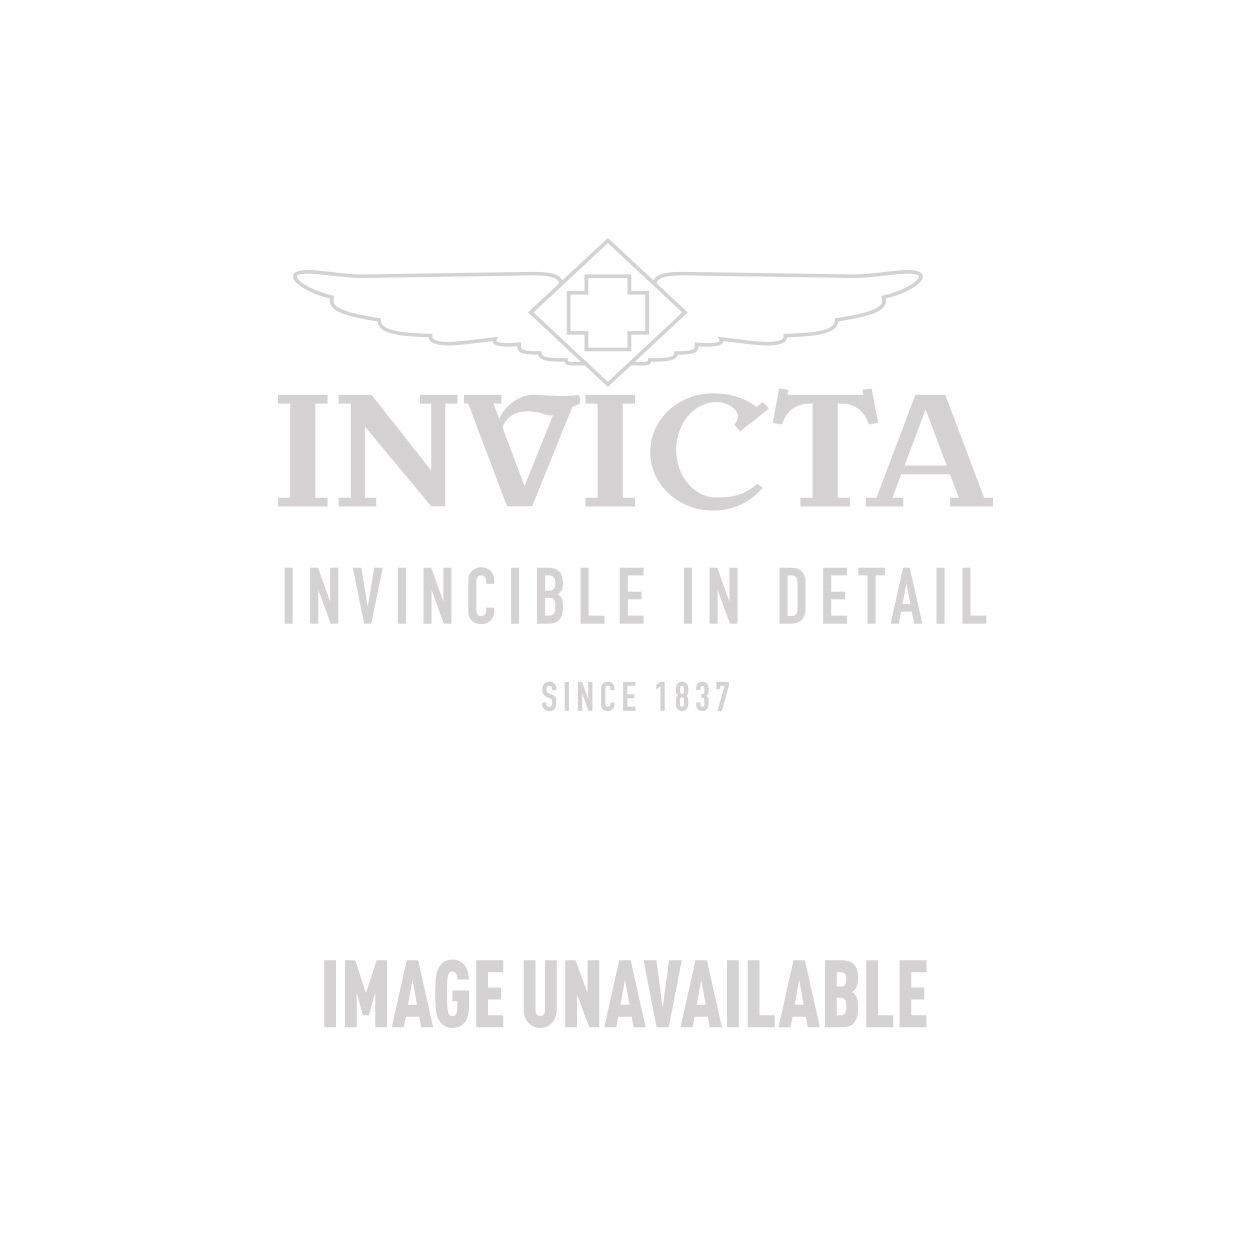 Invicta Model 25572